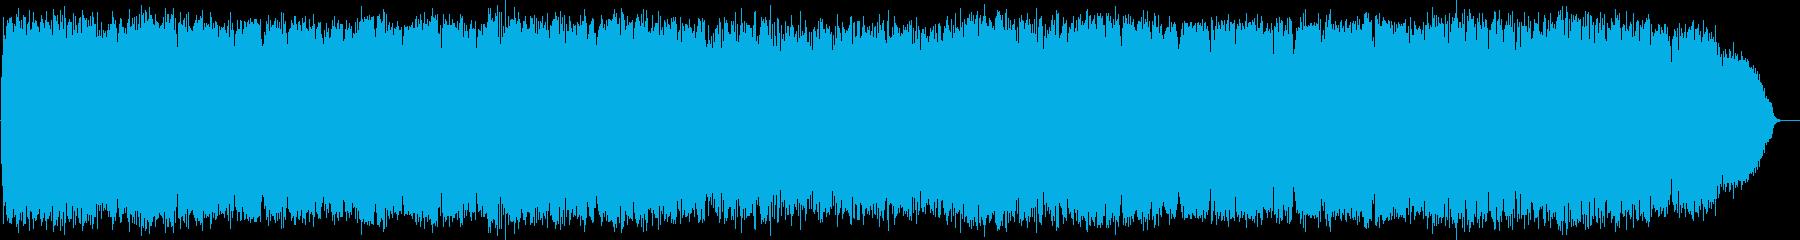 爽やかな風の竹笛の音楽の再生済みの波形